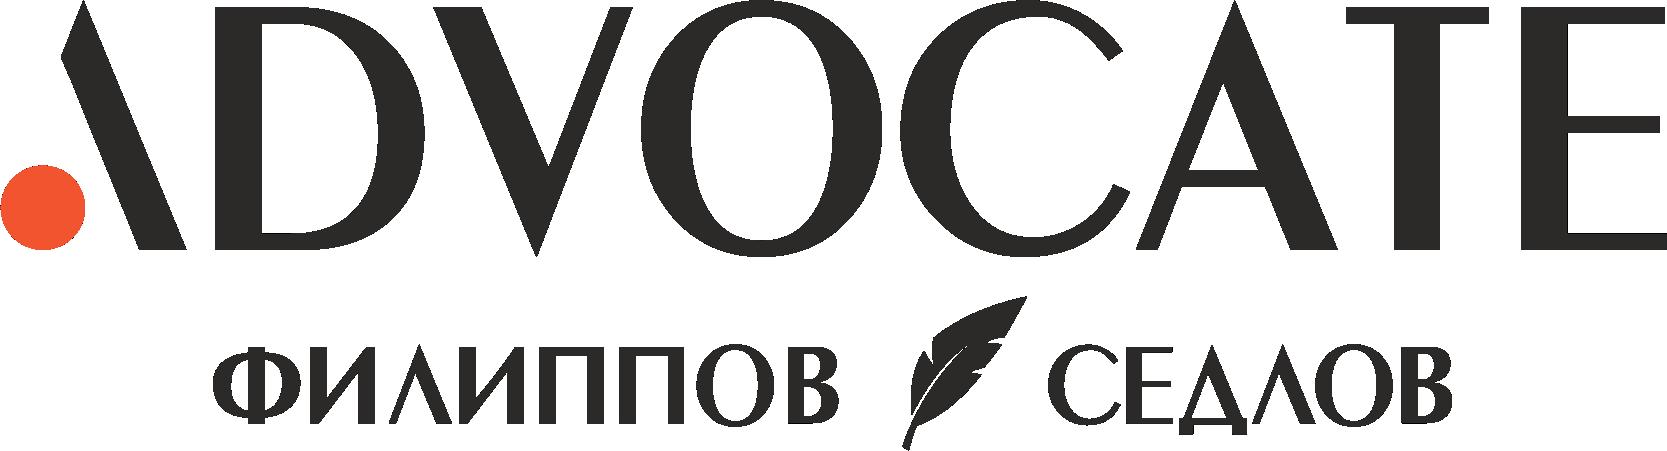 логотип ADVOCATE